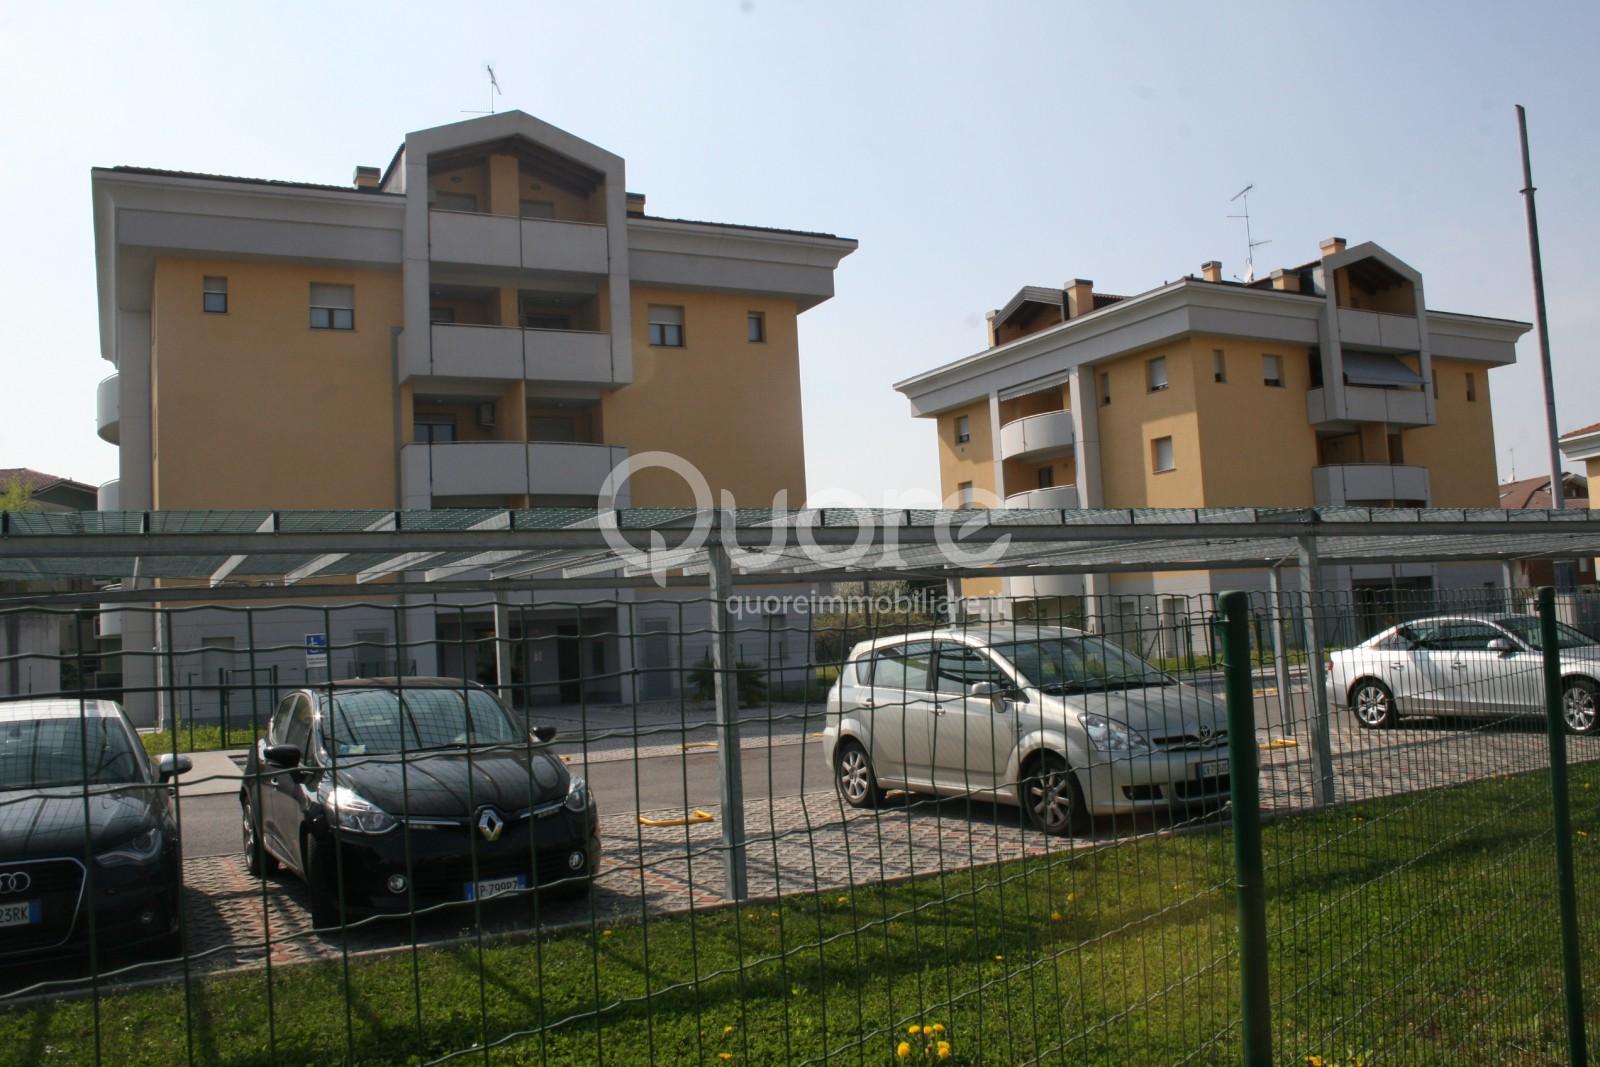 Appartamento in vendita a Udine, 4 locali, Trattative riservate | Cambio Casa.it